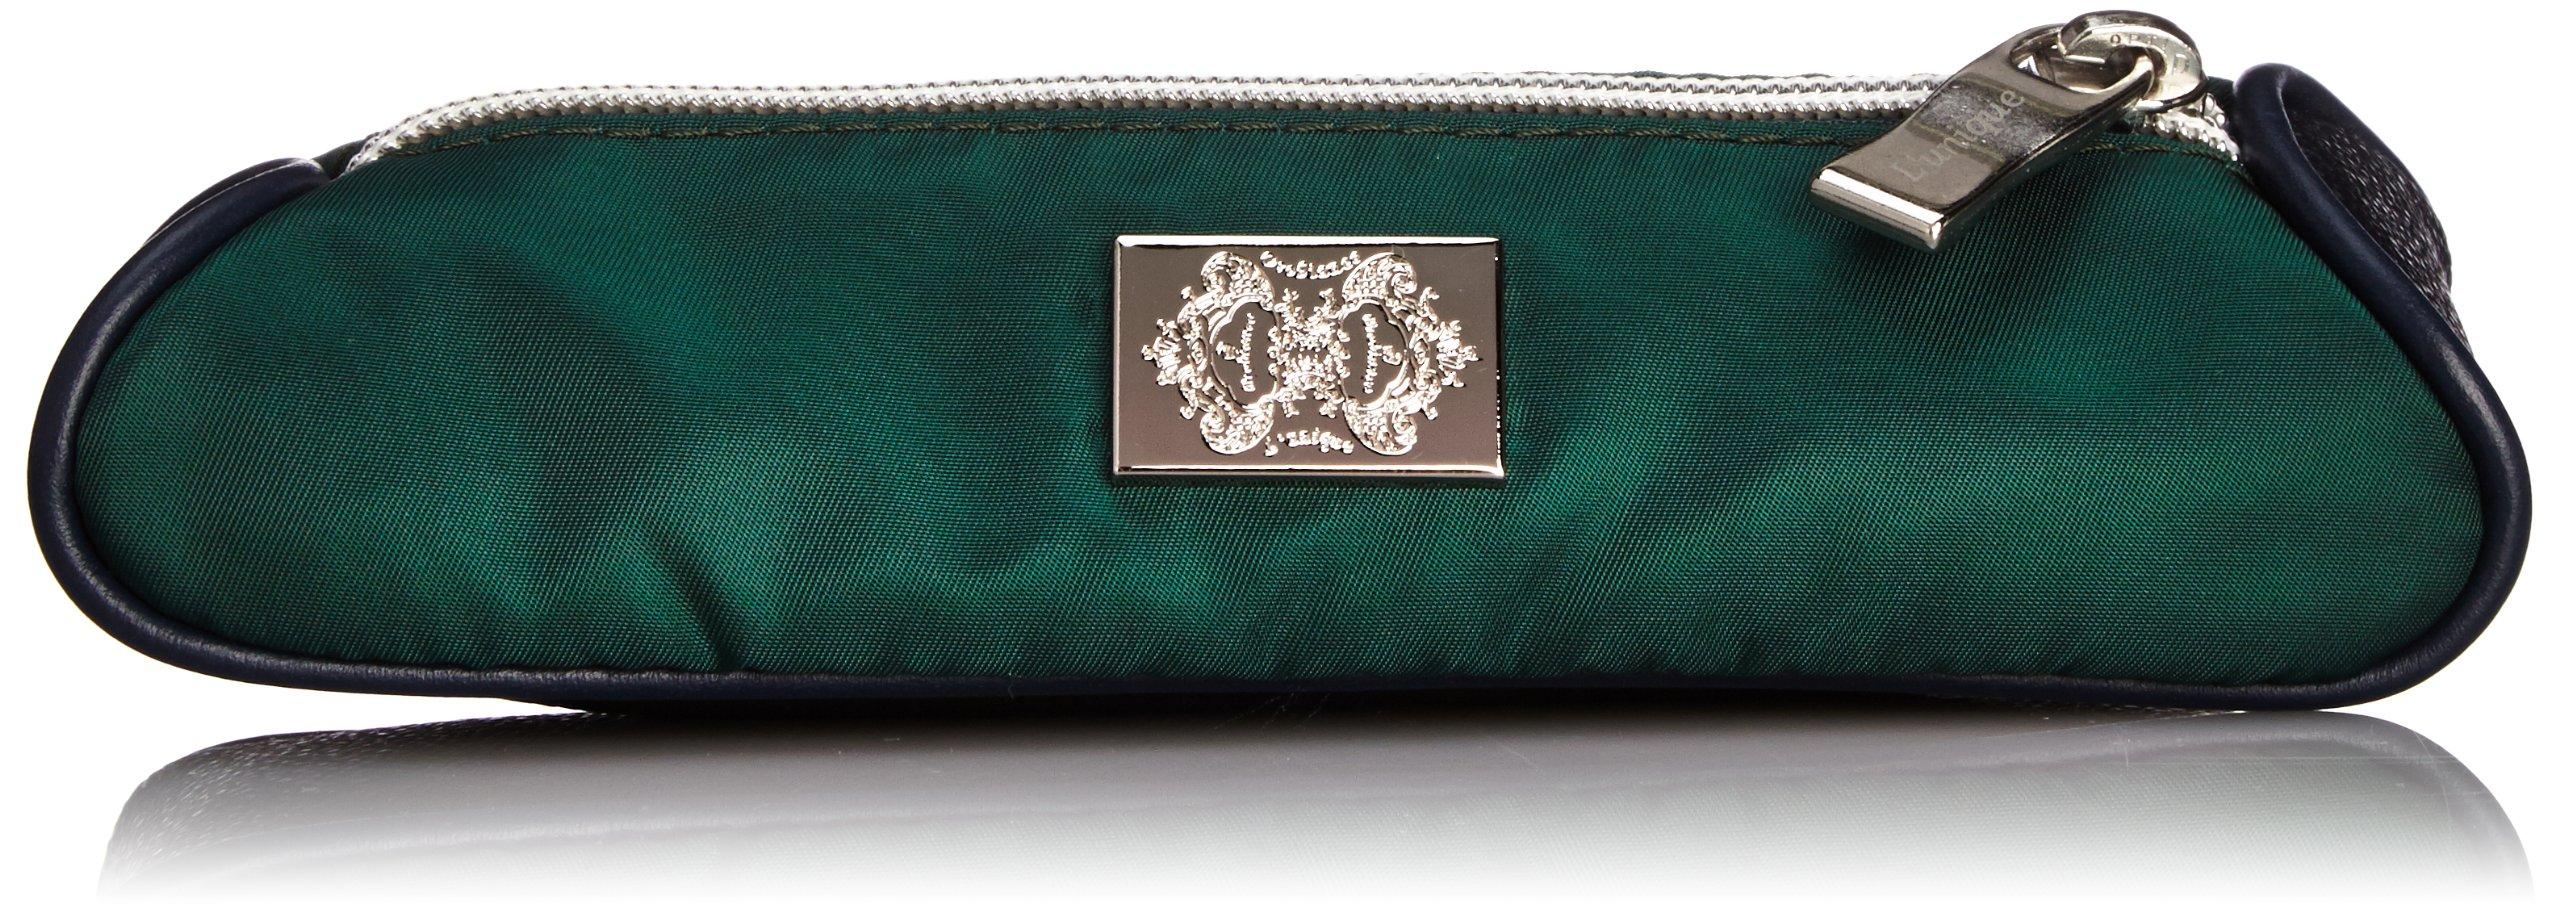 (ユナイテッドアローズグリーンレーベルリラクシング) UNITED ARROWS green label relaxing オロビアンコ OROBIANCO ペンケース